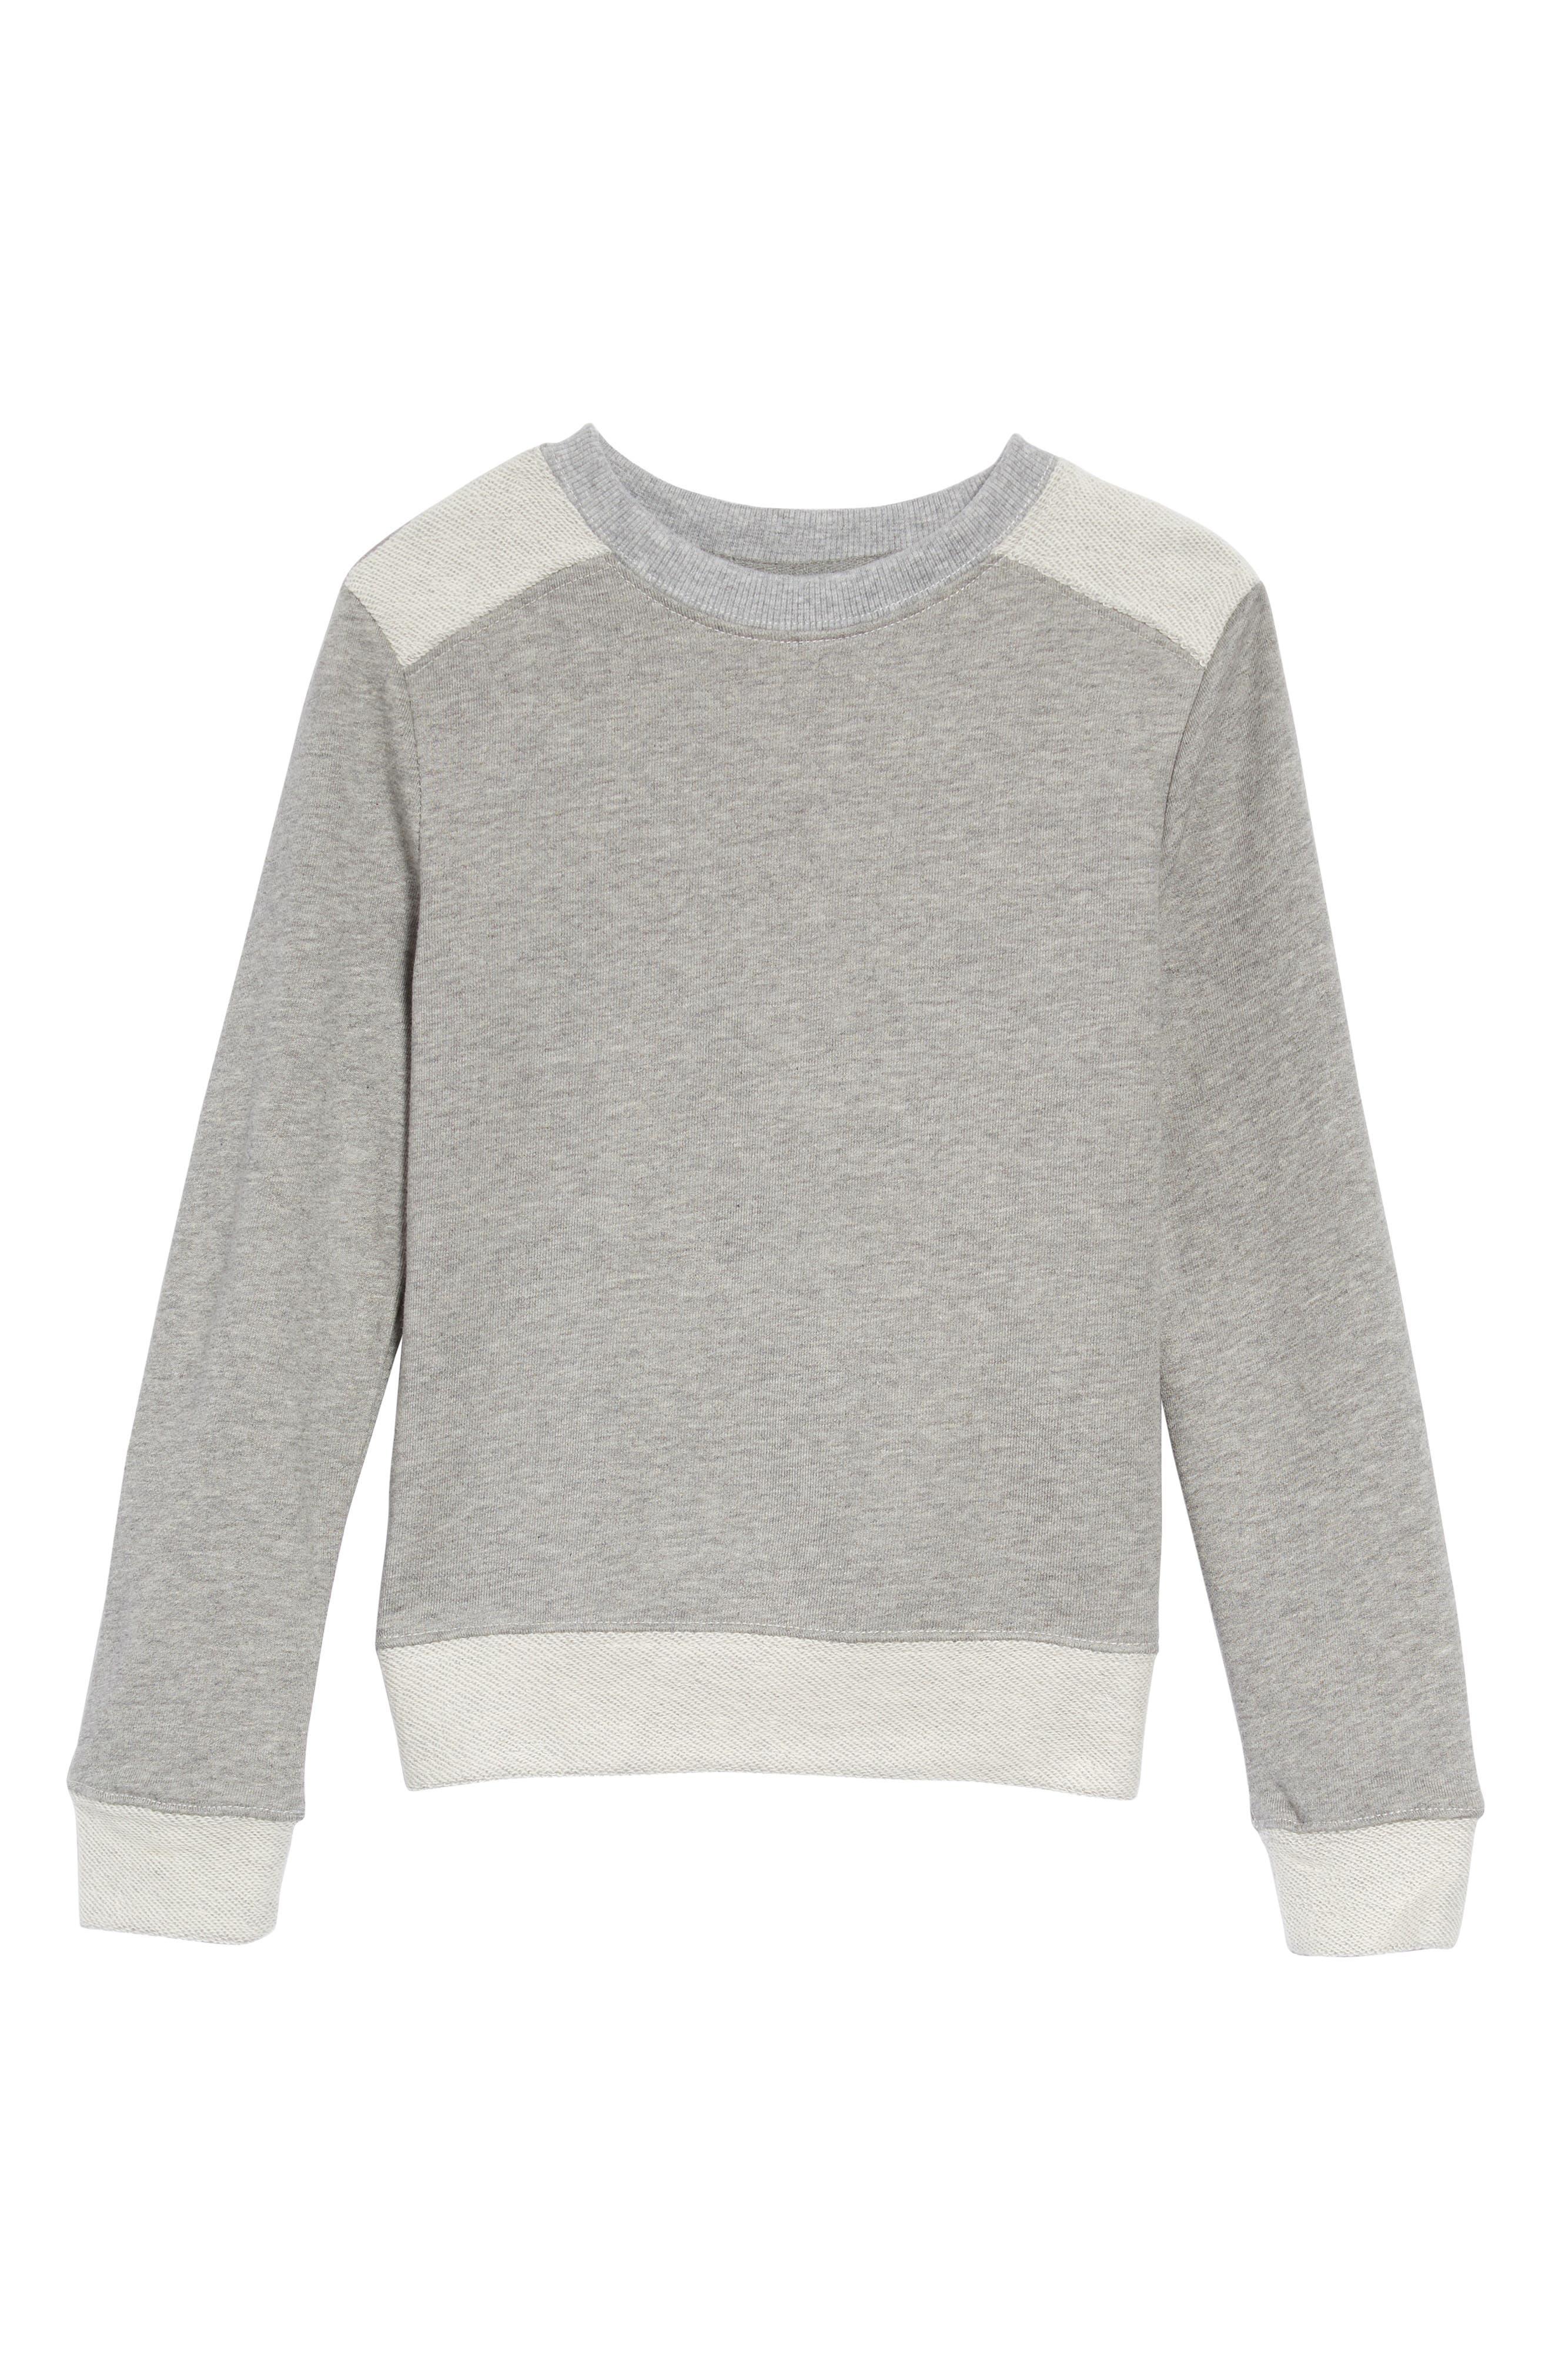 Boys Hudson Kids Switch French Terry Crewneck Sweatshirt Size 5  Grey